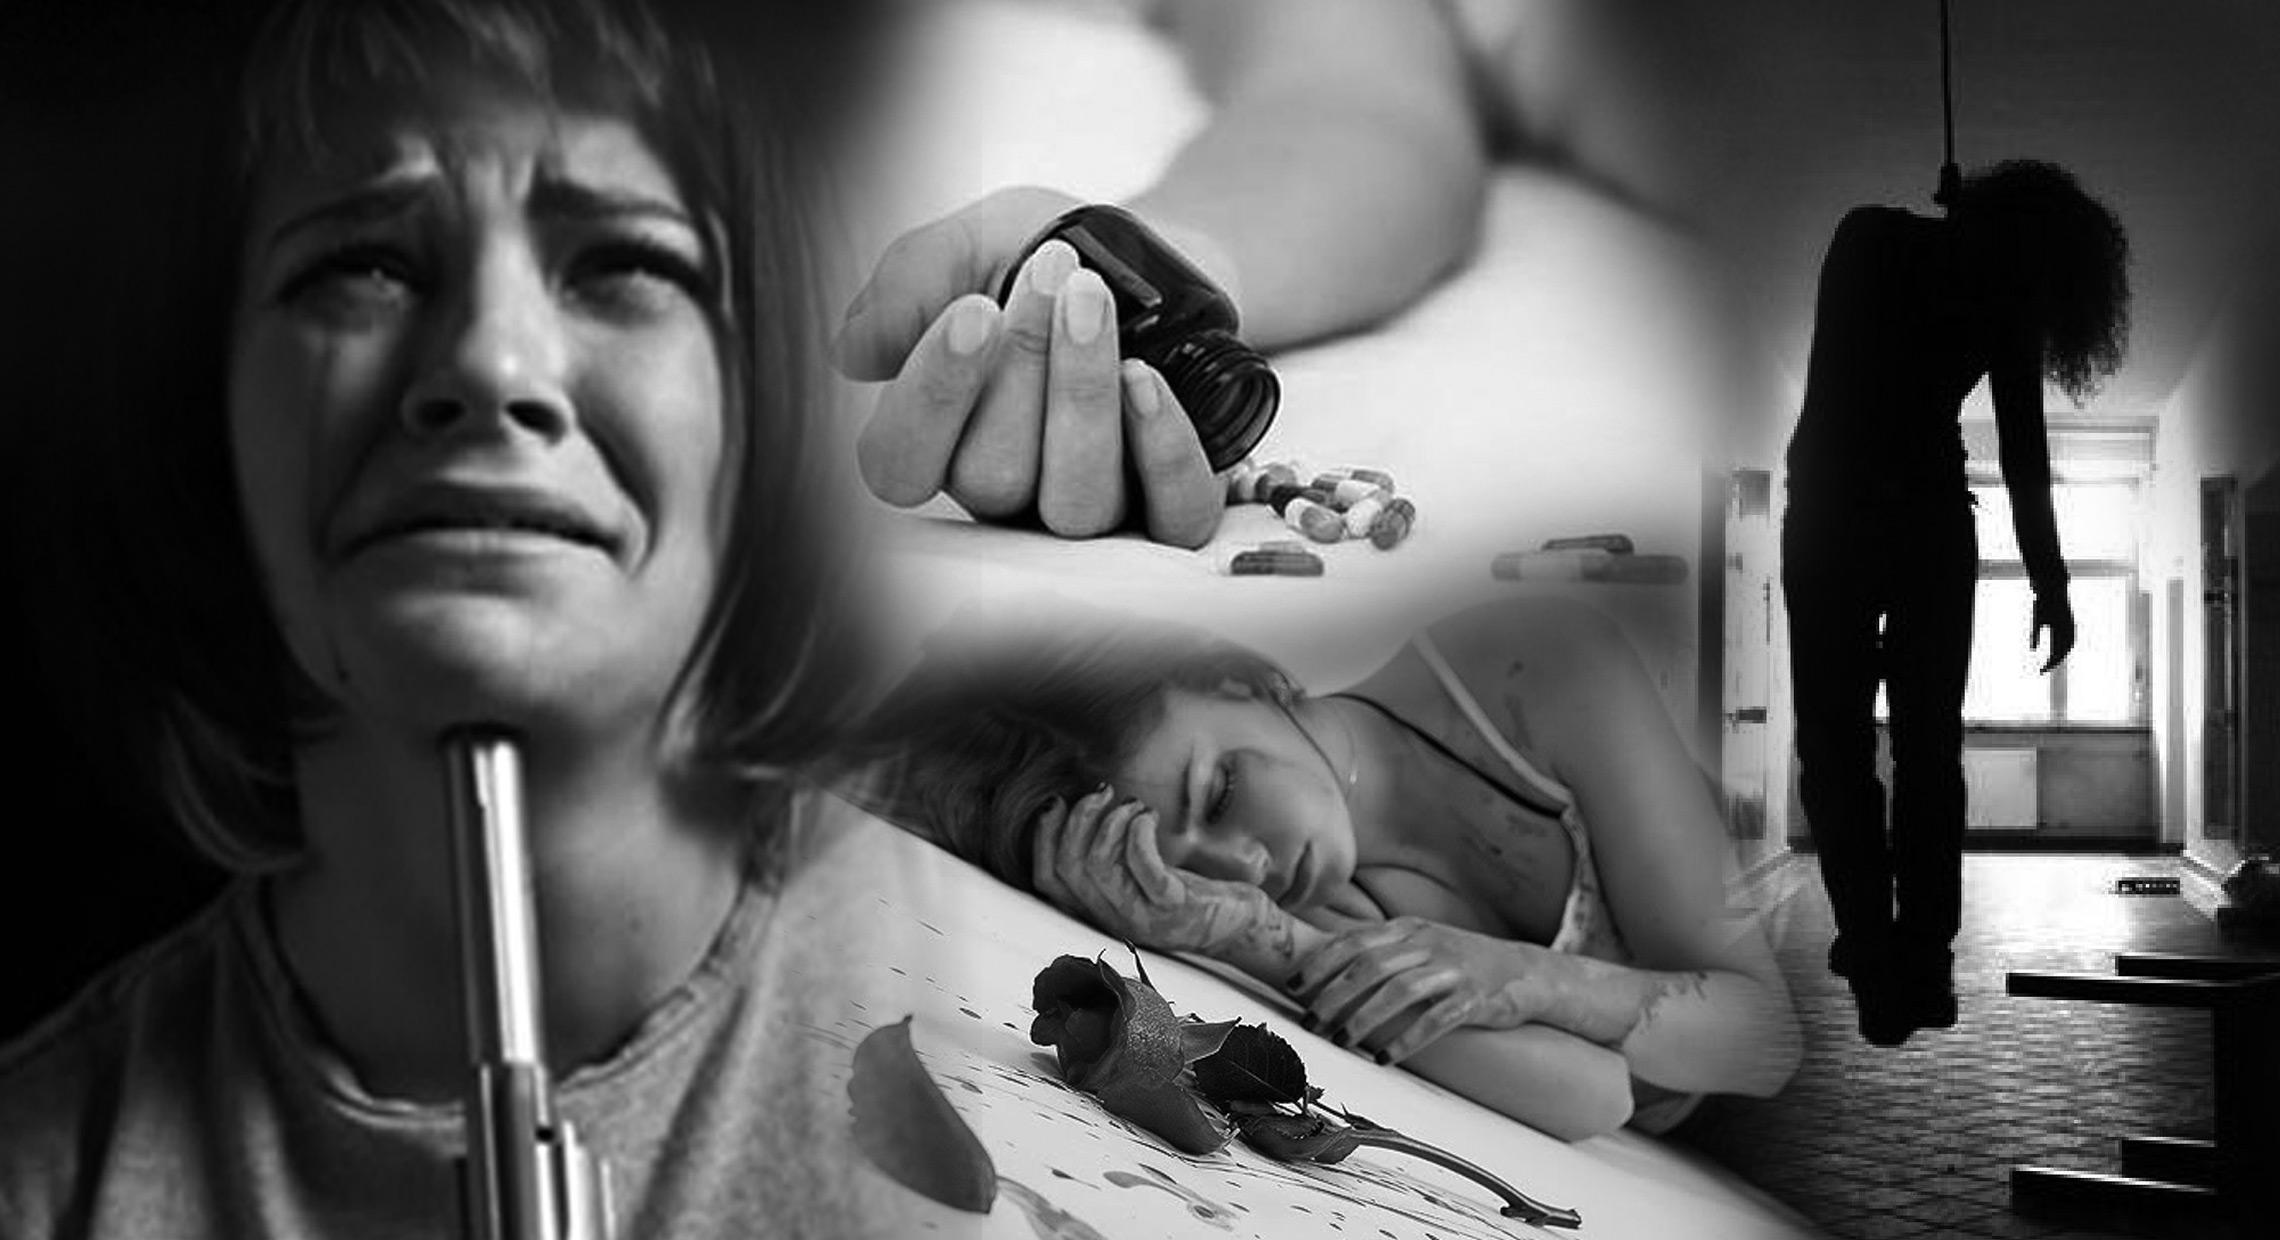 El suicidio es la segunda causa de muerte en los adolescentes